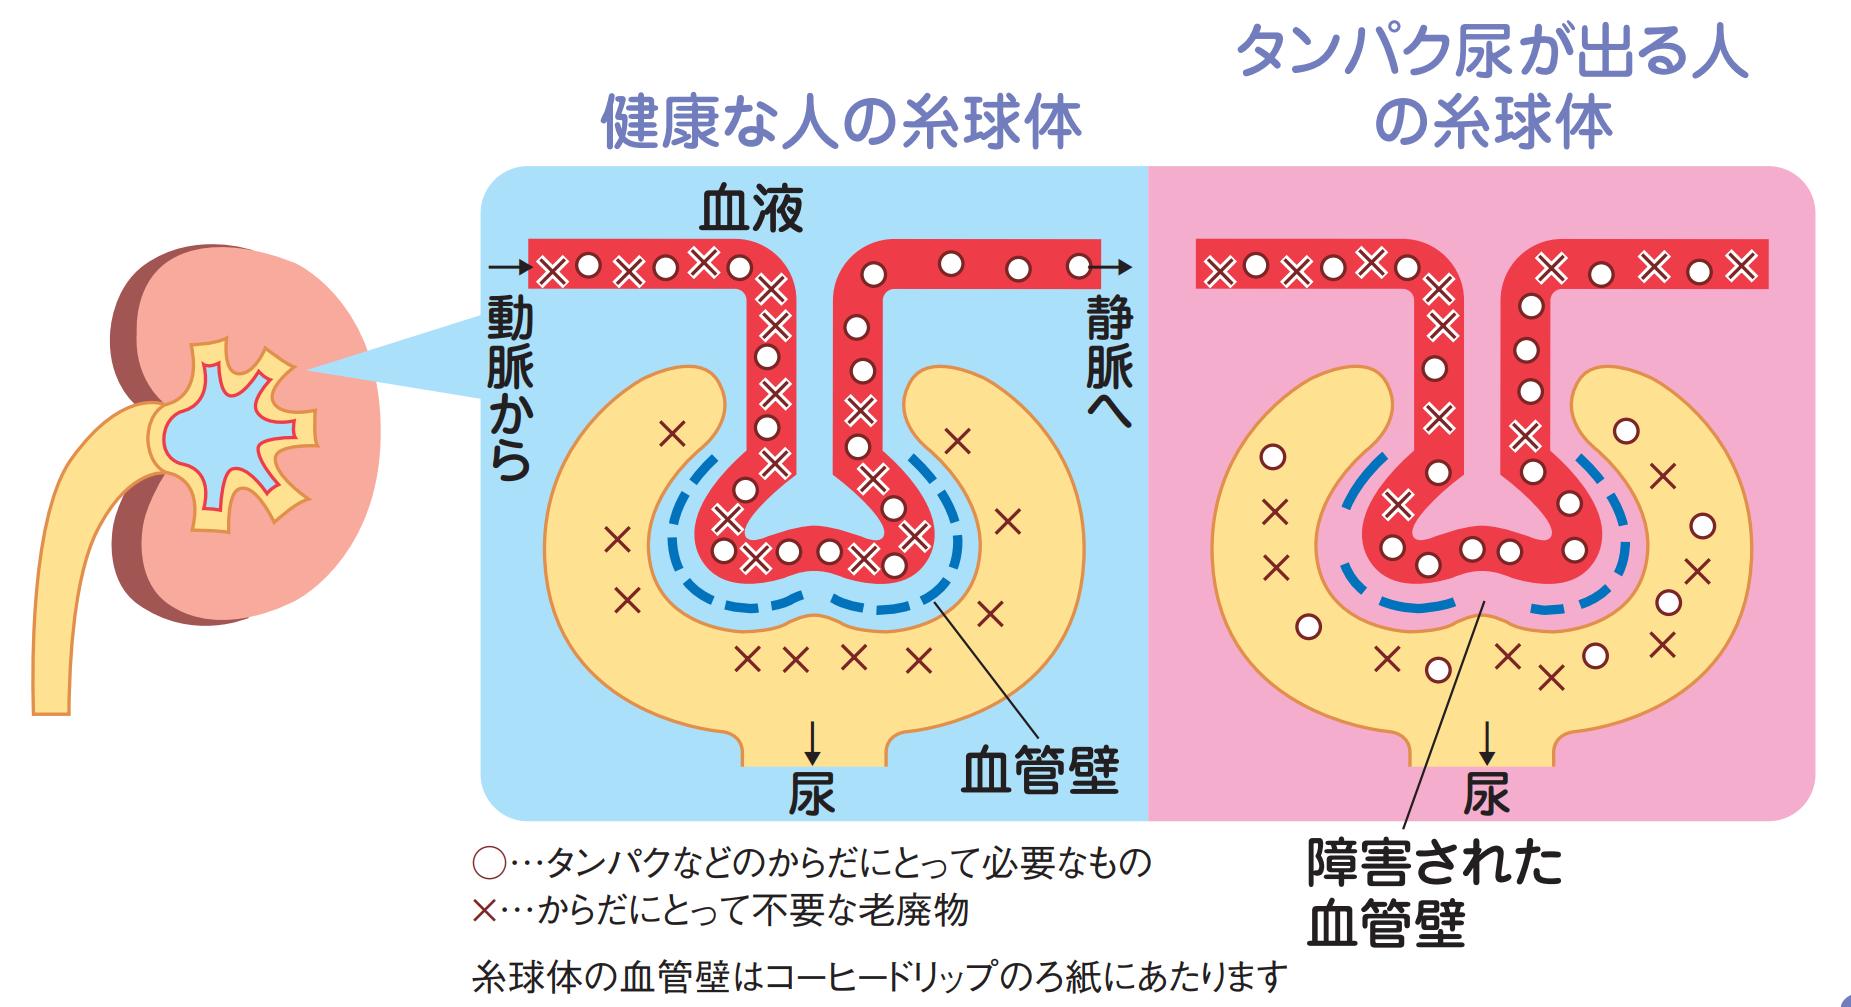 プラス 尿 蛋白 尿蛋白プラス1